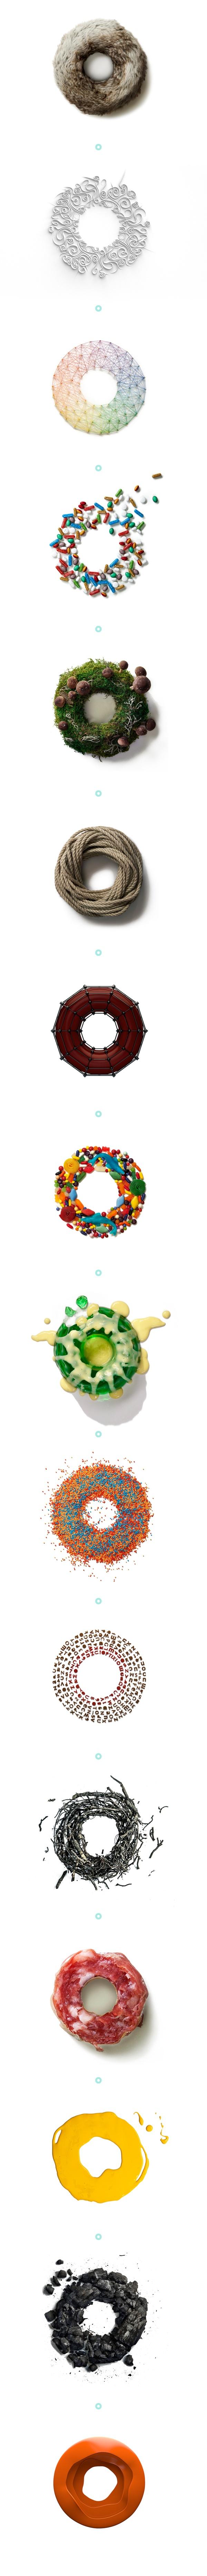 OPTIX Logo Redesign by Philipp Nottelmann, via Behance